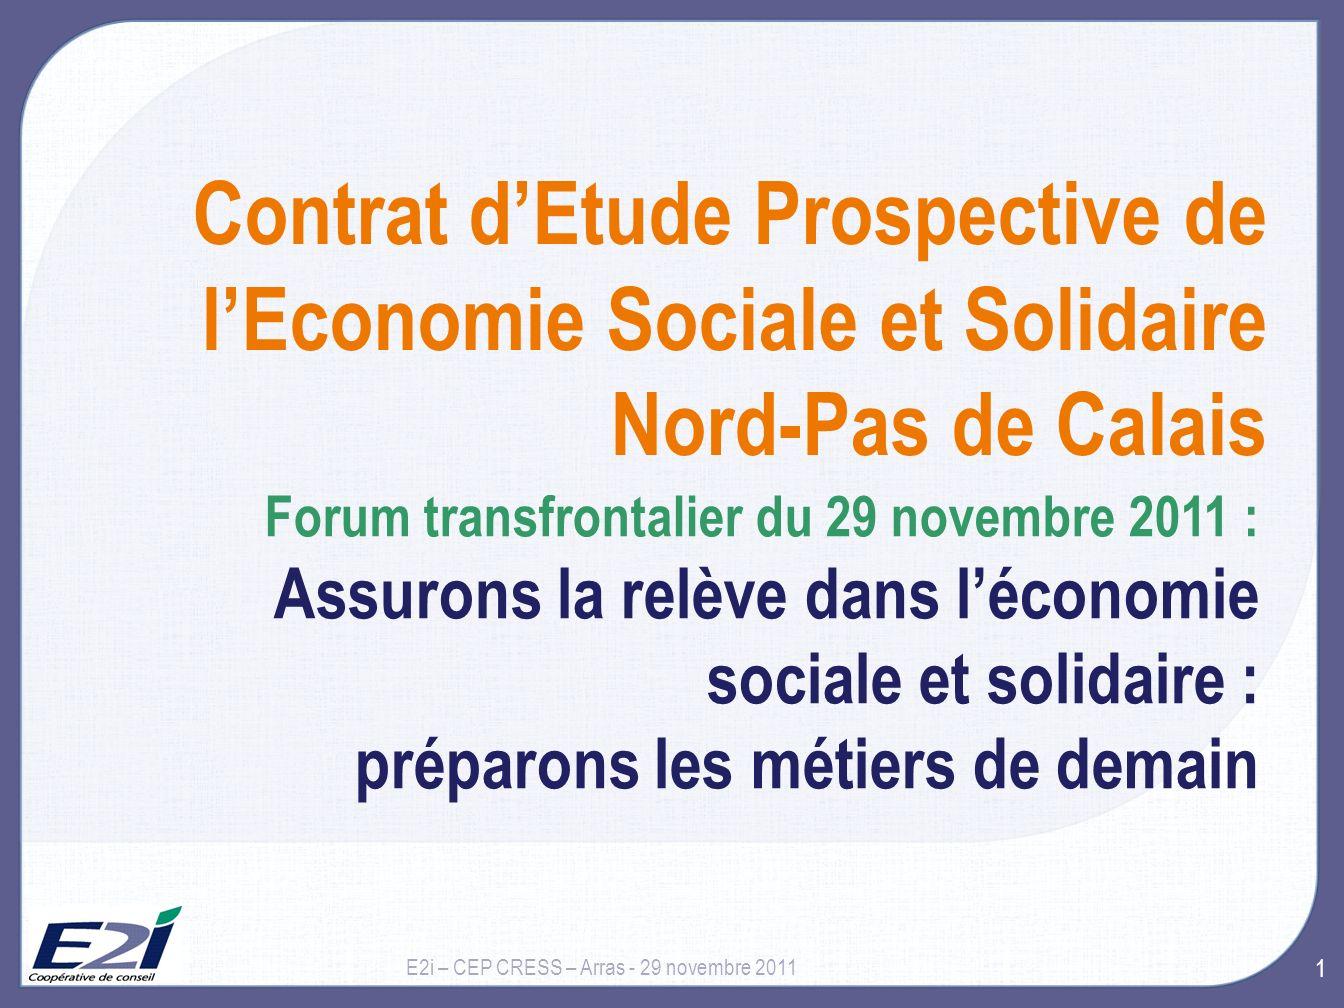 29 novembre 2011 Contrat d'Etude Prospective de l'Economie Sociale et Solidaire Nord-Pas de Calais.